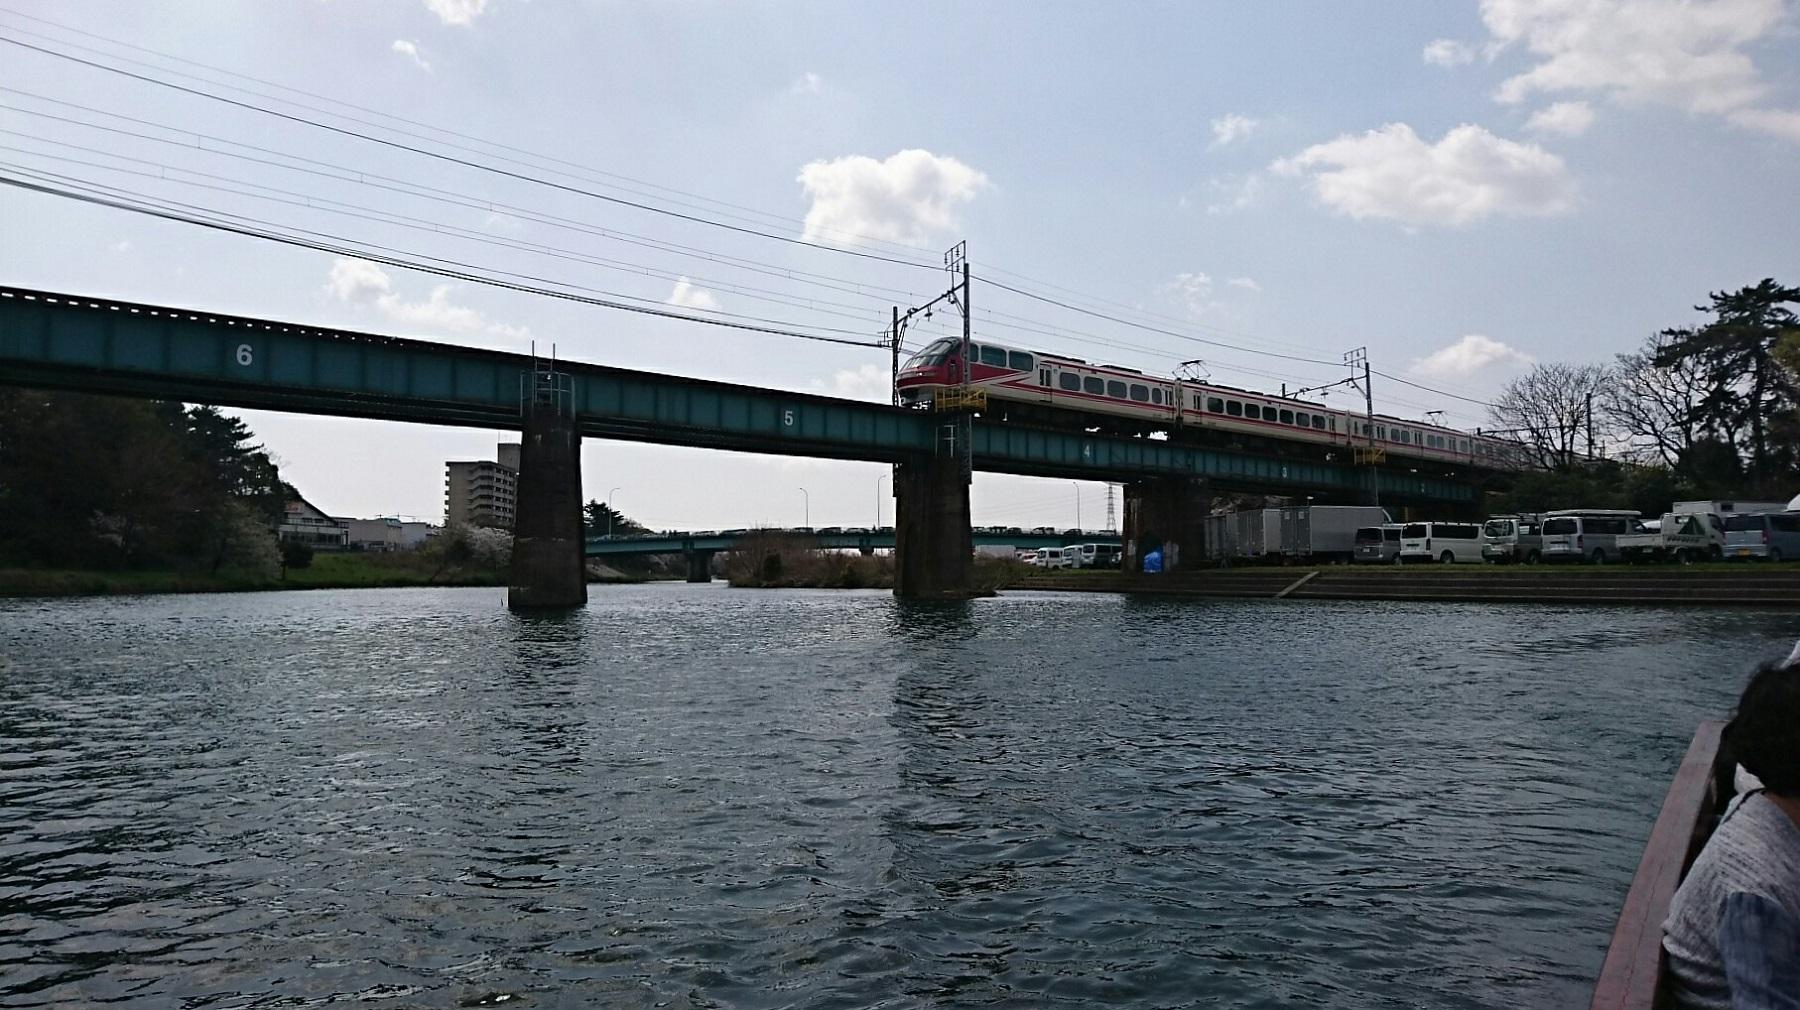 2018.3.31 岡崎ふなあそび (54) 転回 - 名古屋本線鉄橋 1800-1010